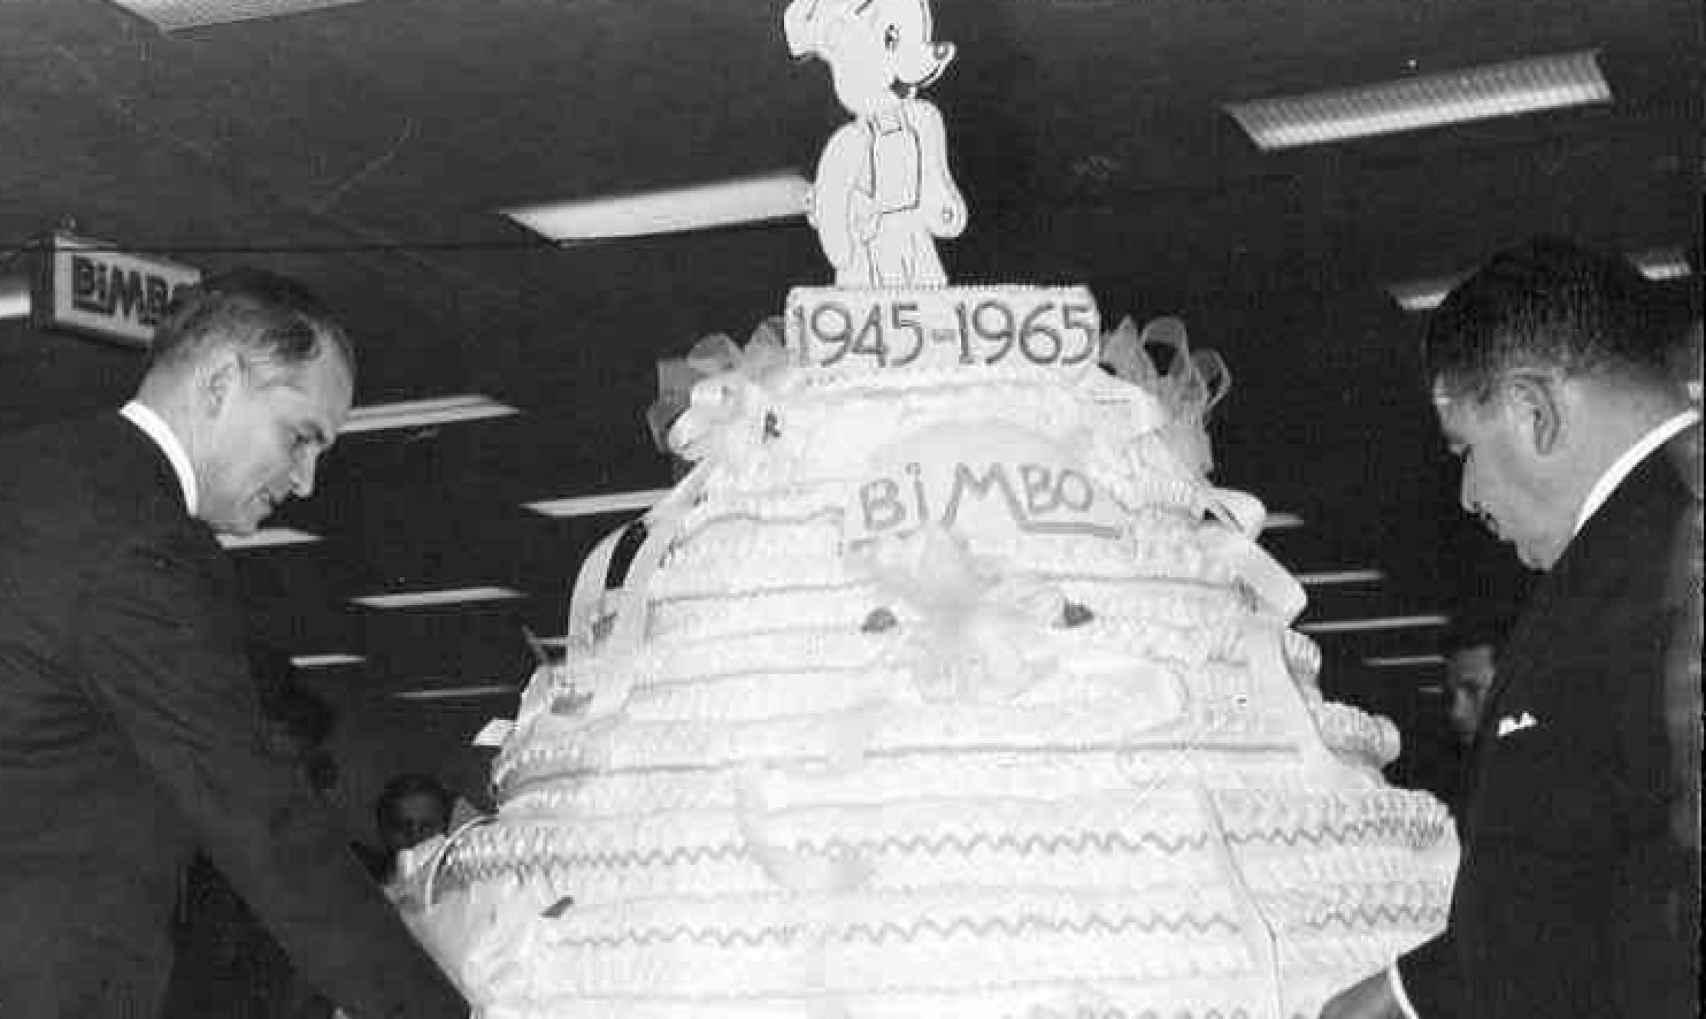 Celebración de los primeros 20 años de la empresa, en una imagen de archivo.